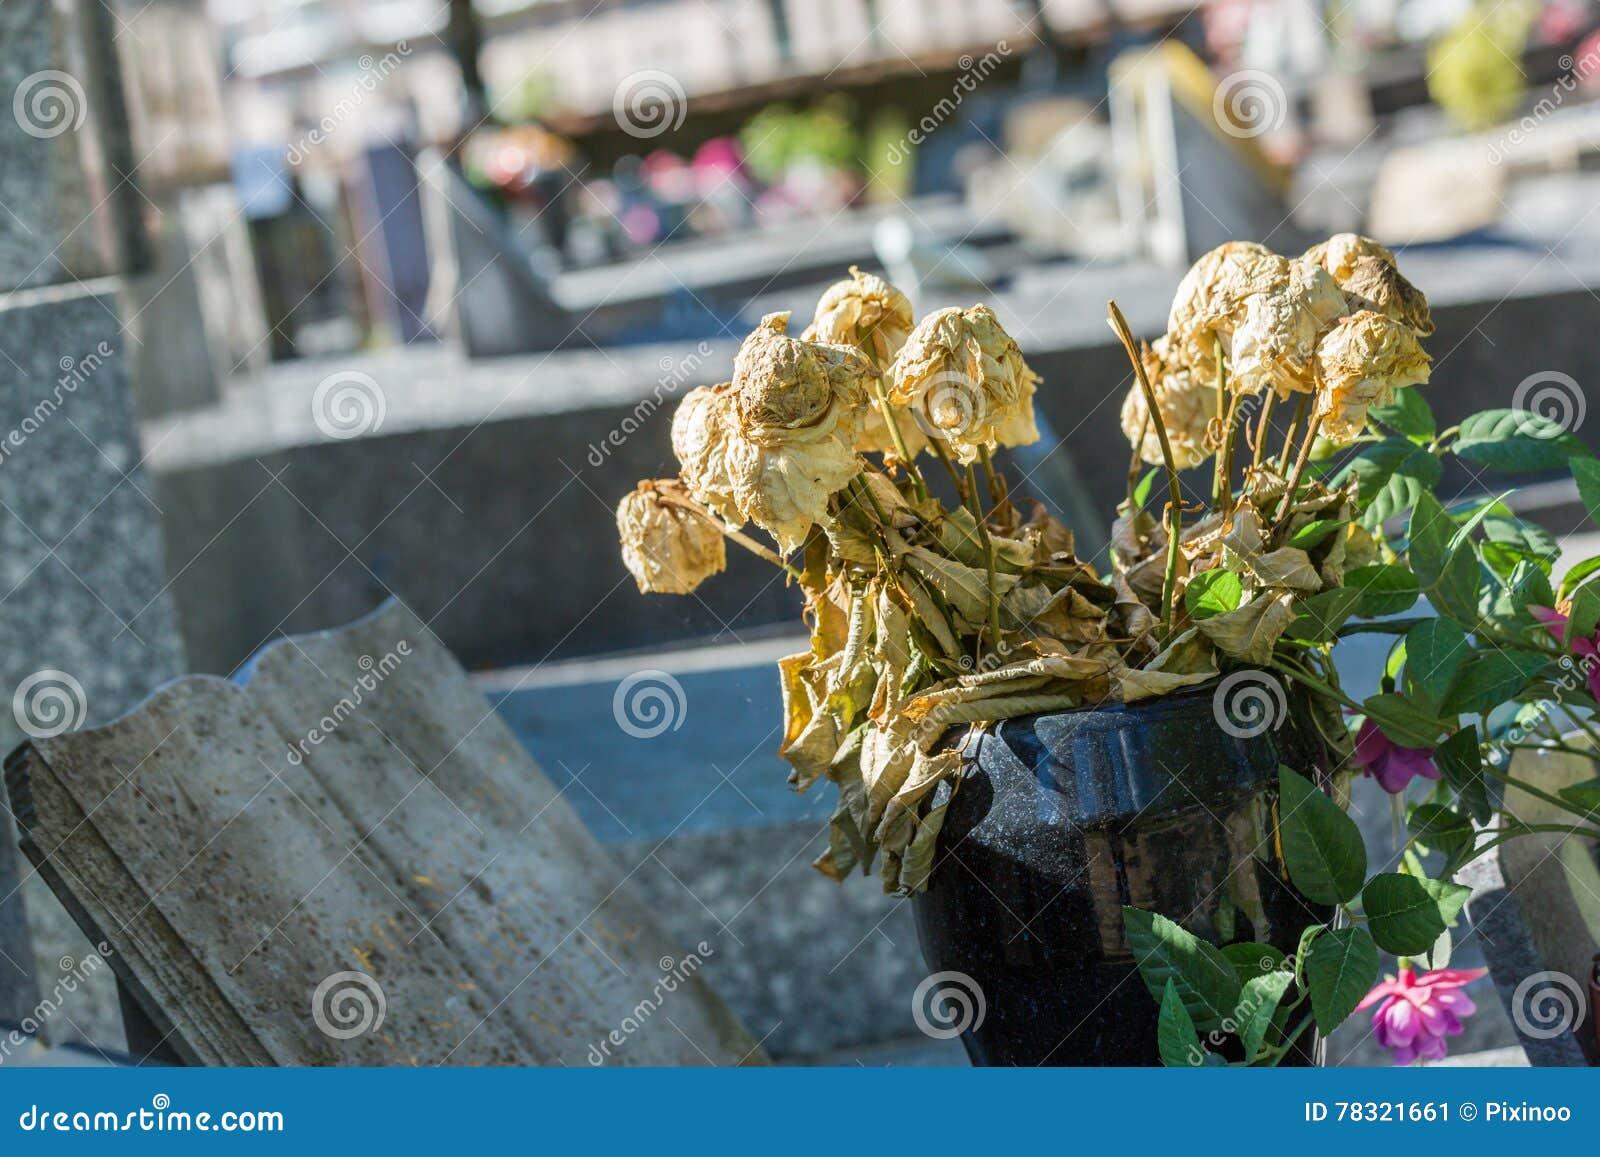 Bloemen in een begraafplaats met grafstenen op achtergrond